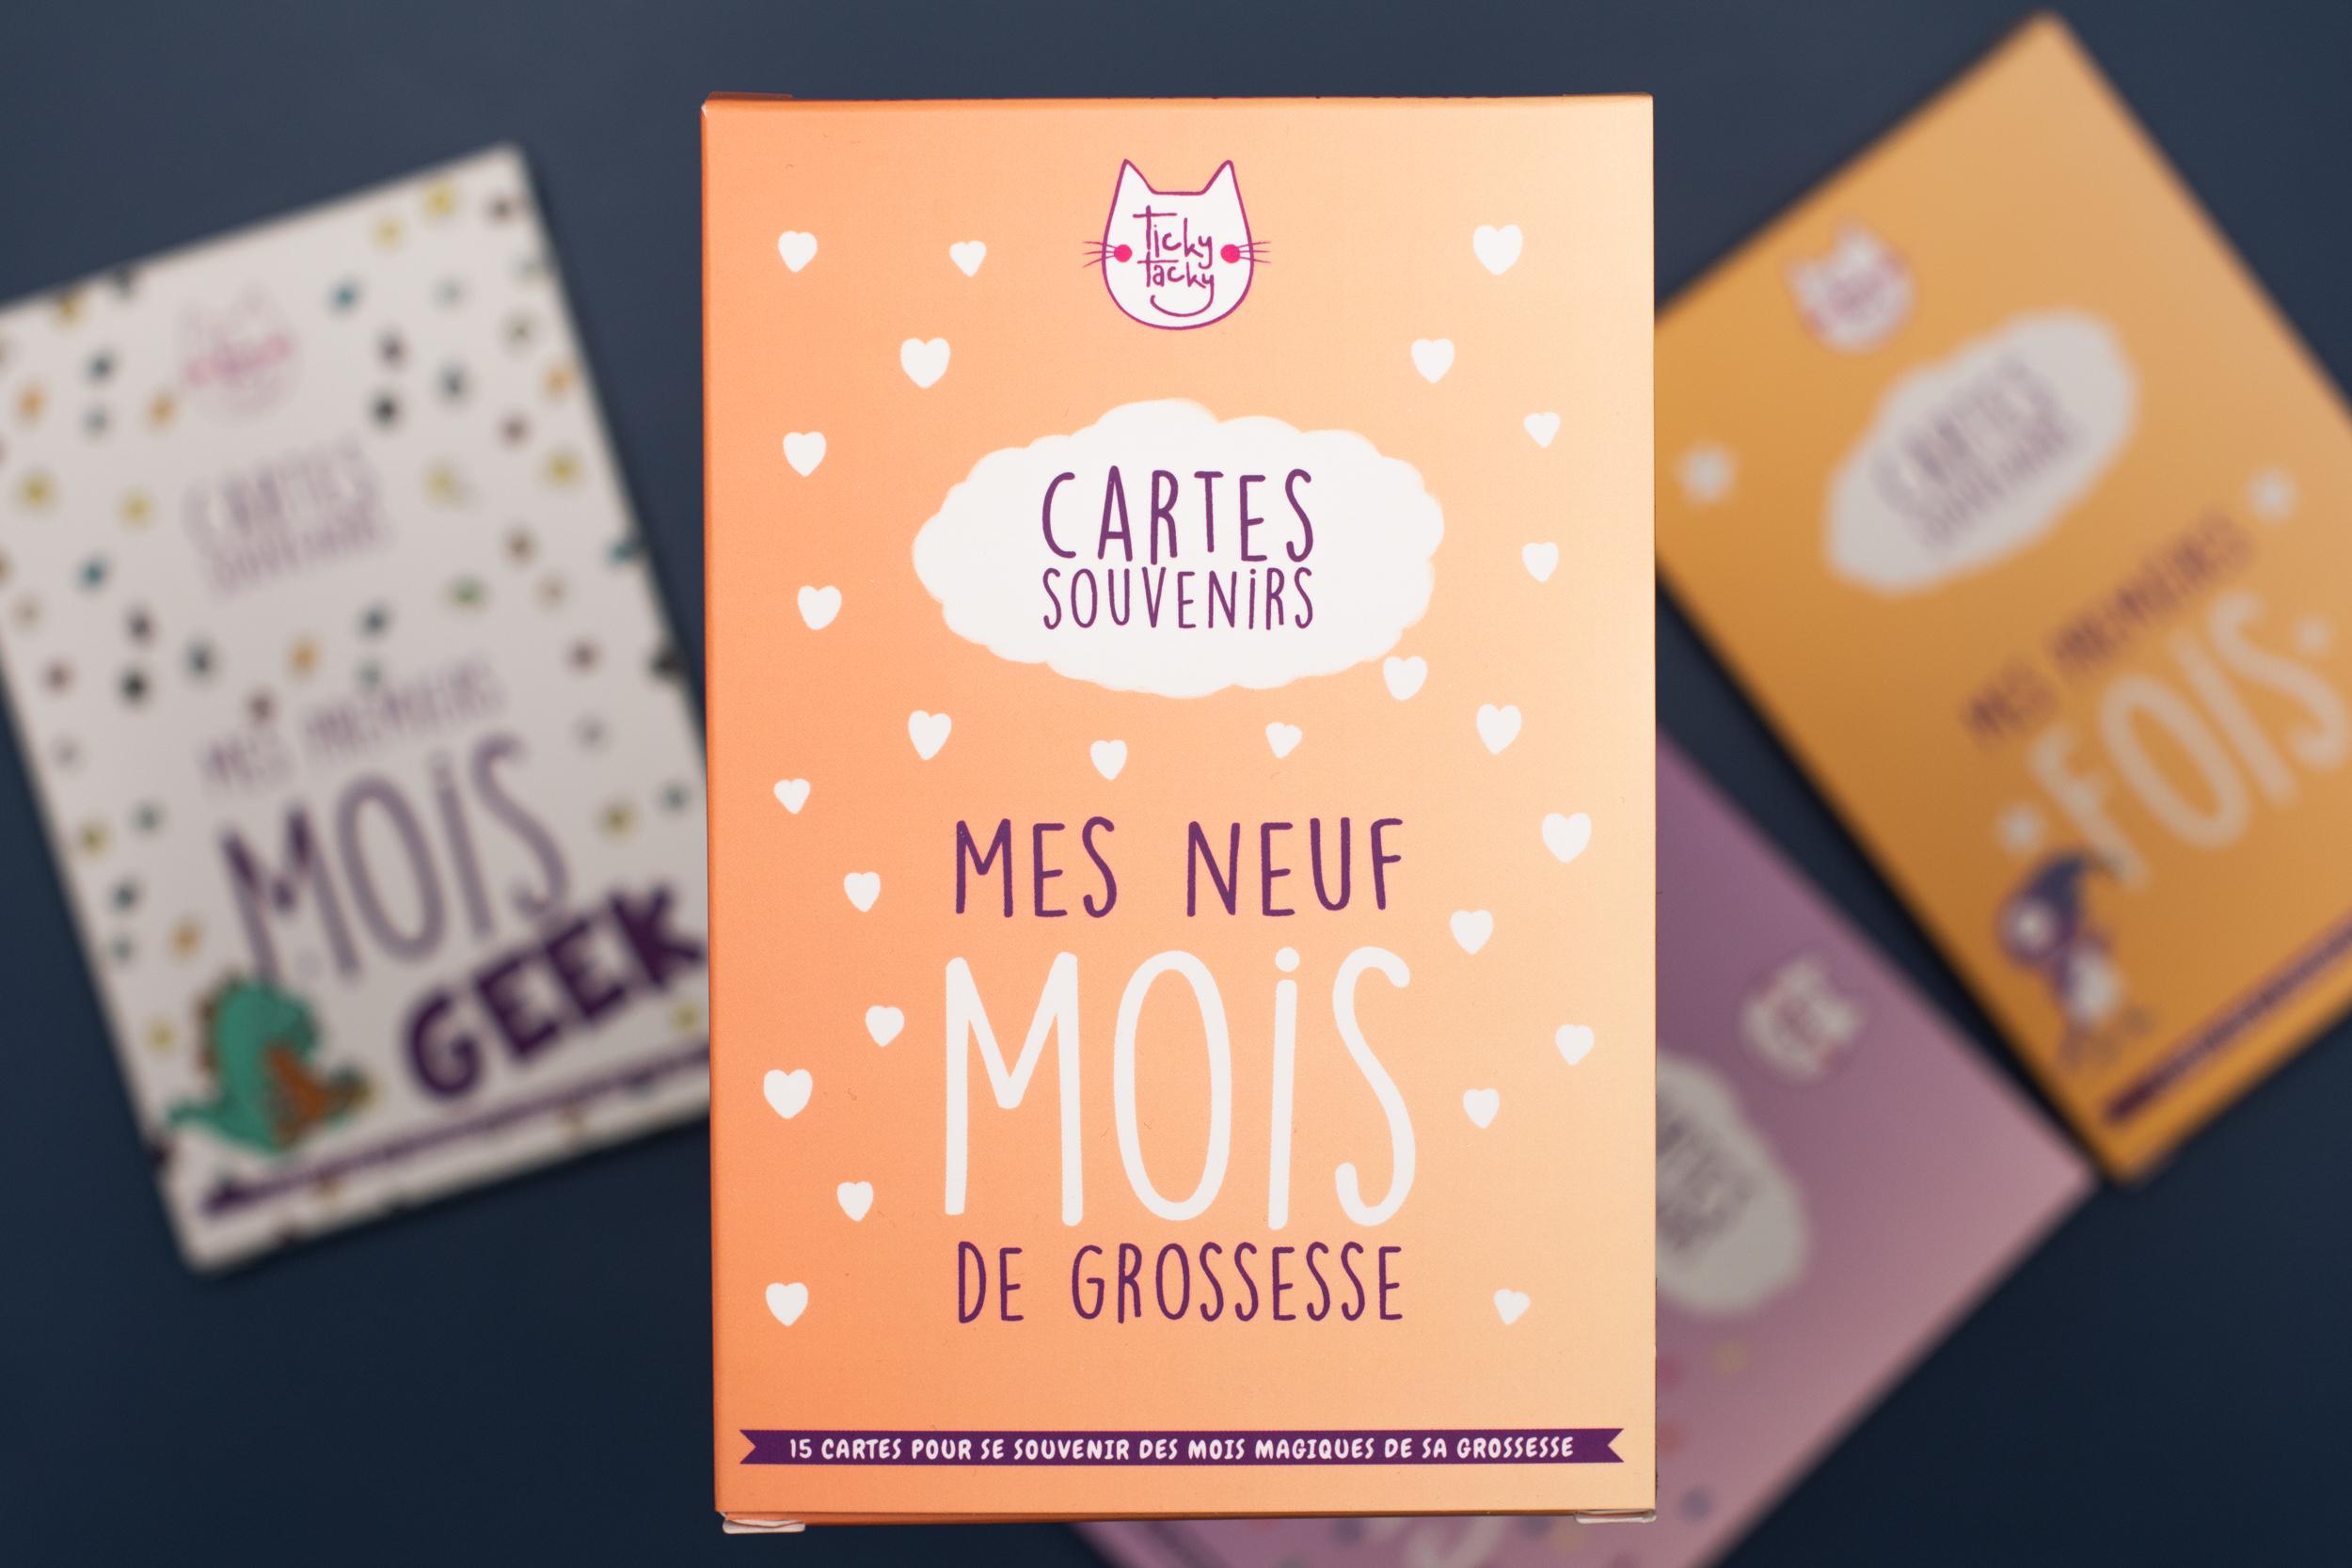 Mes 9 Mois de Grossesse - 15 cartes souvenirs pour se souvenir des mois magiques de sa grossesse